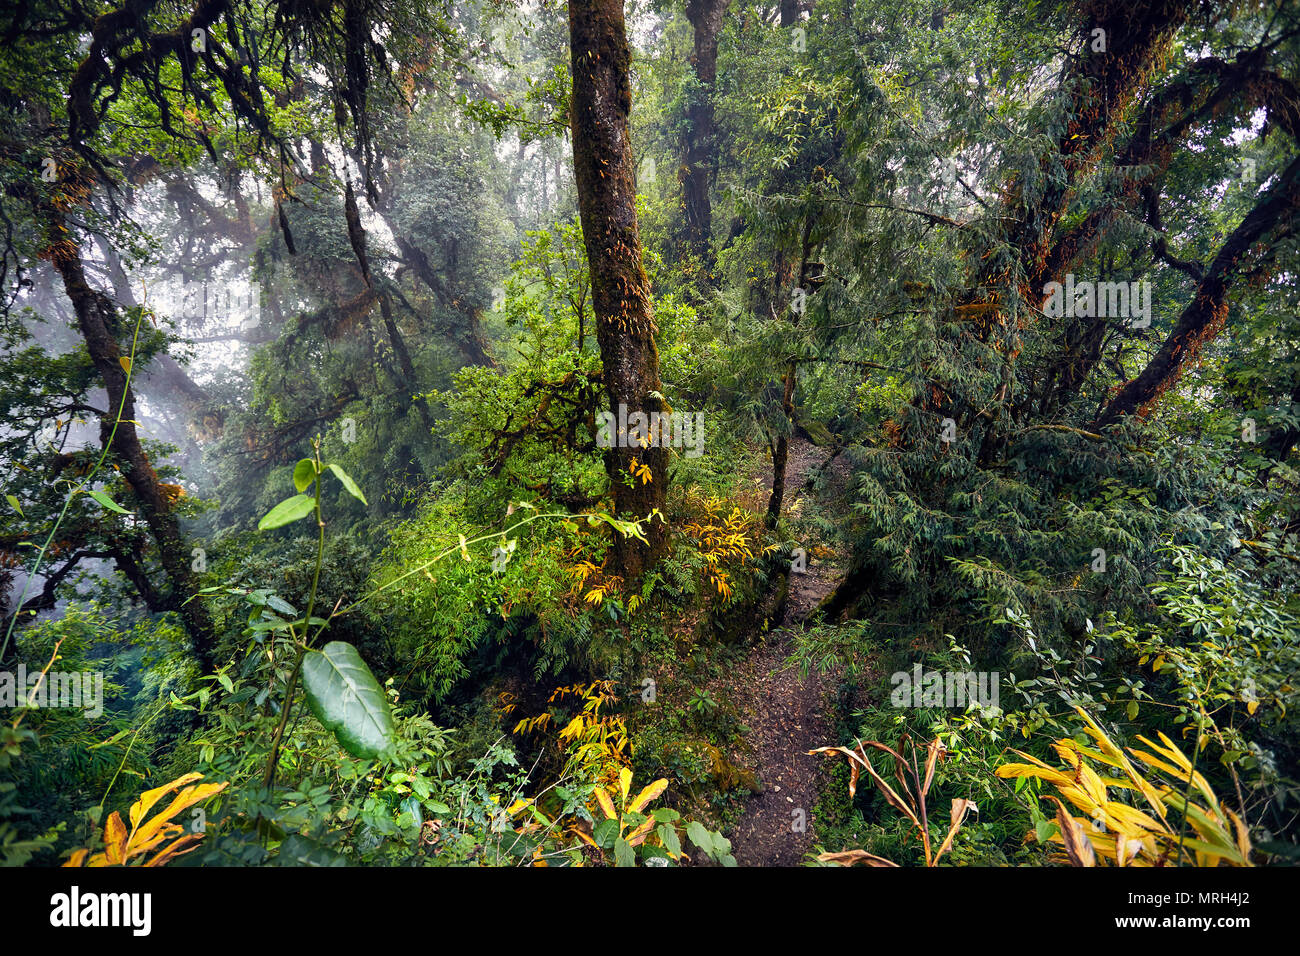 Lo splendido paesaggio di alberi ad alto fusto di foggy subtropicale foresta di Annapurna trek in Nepal Immagini Stock